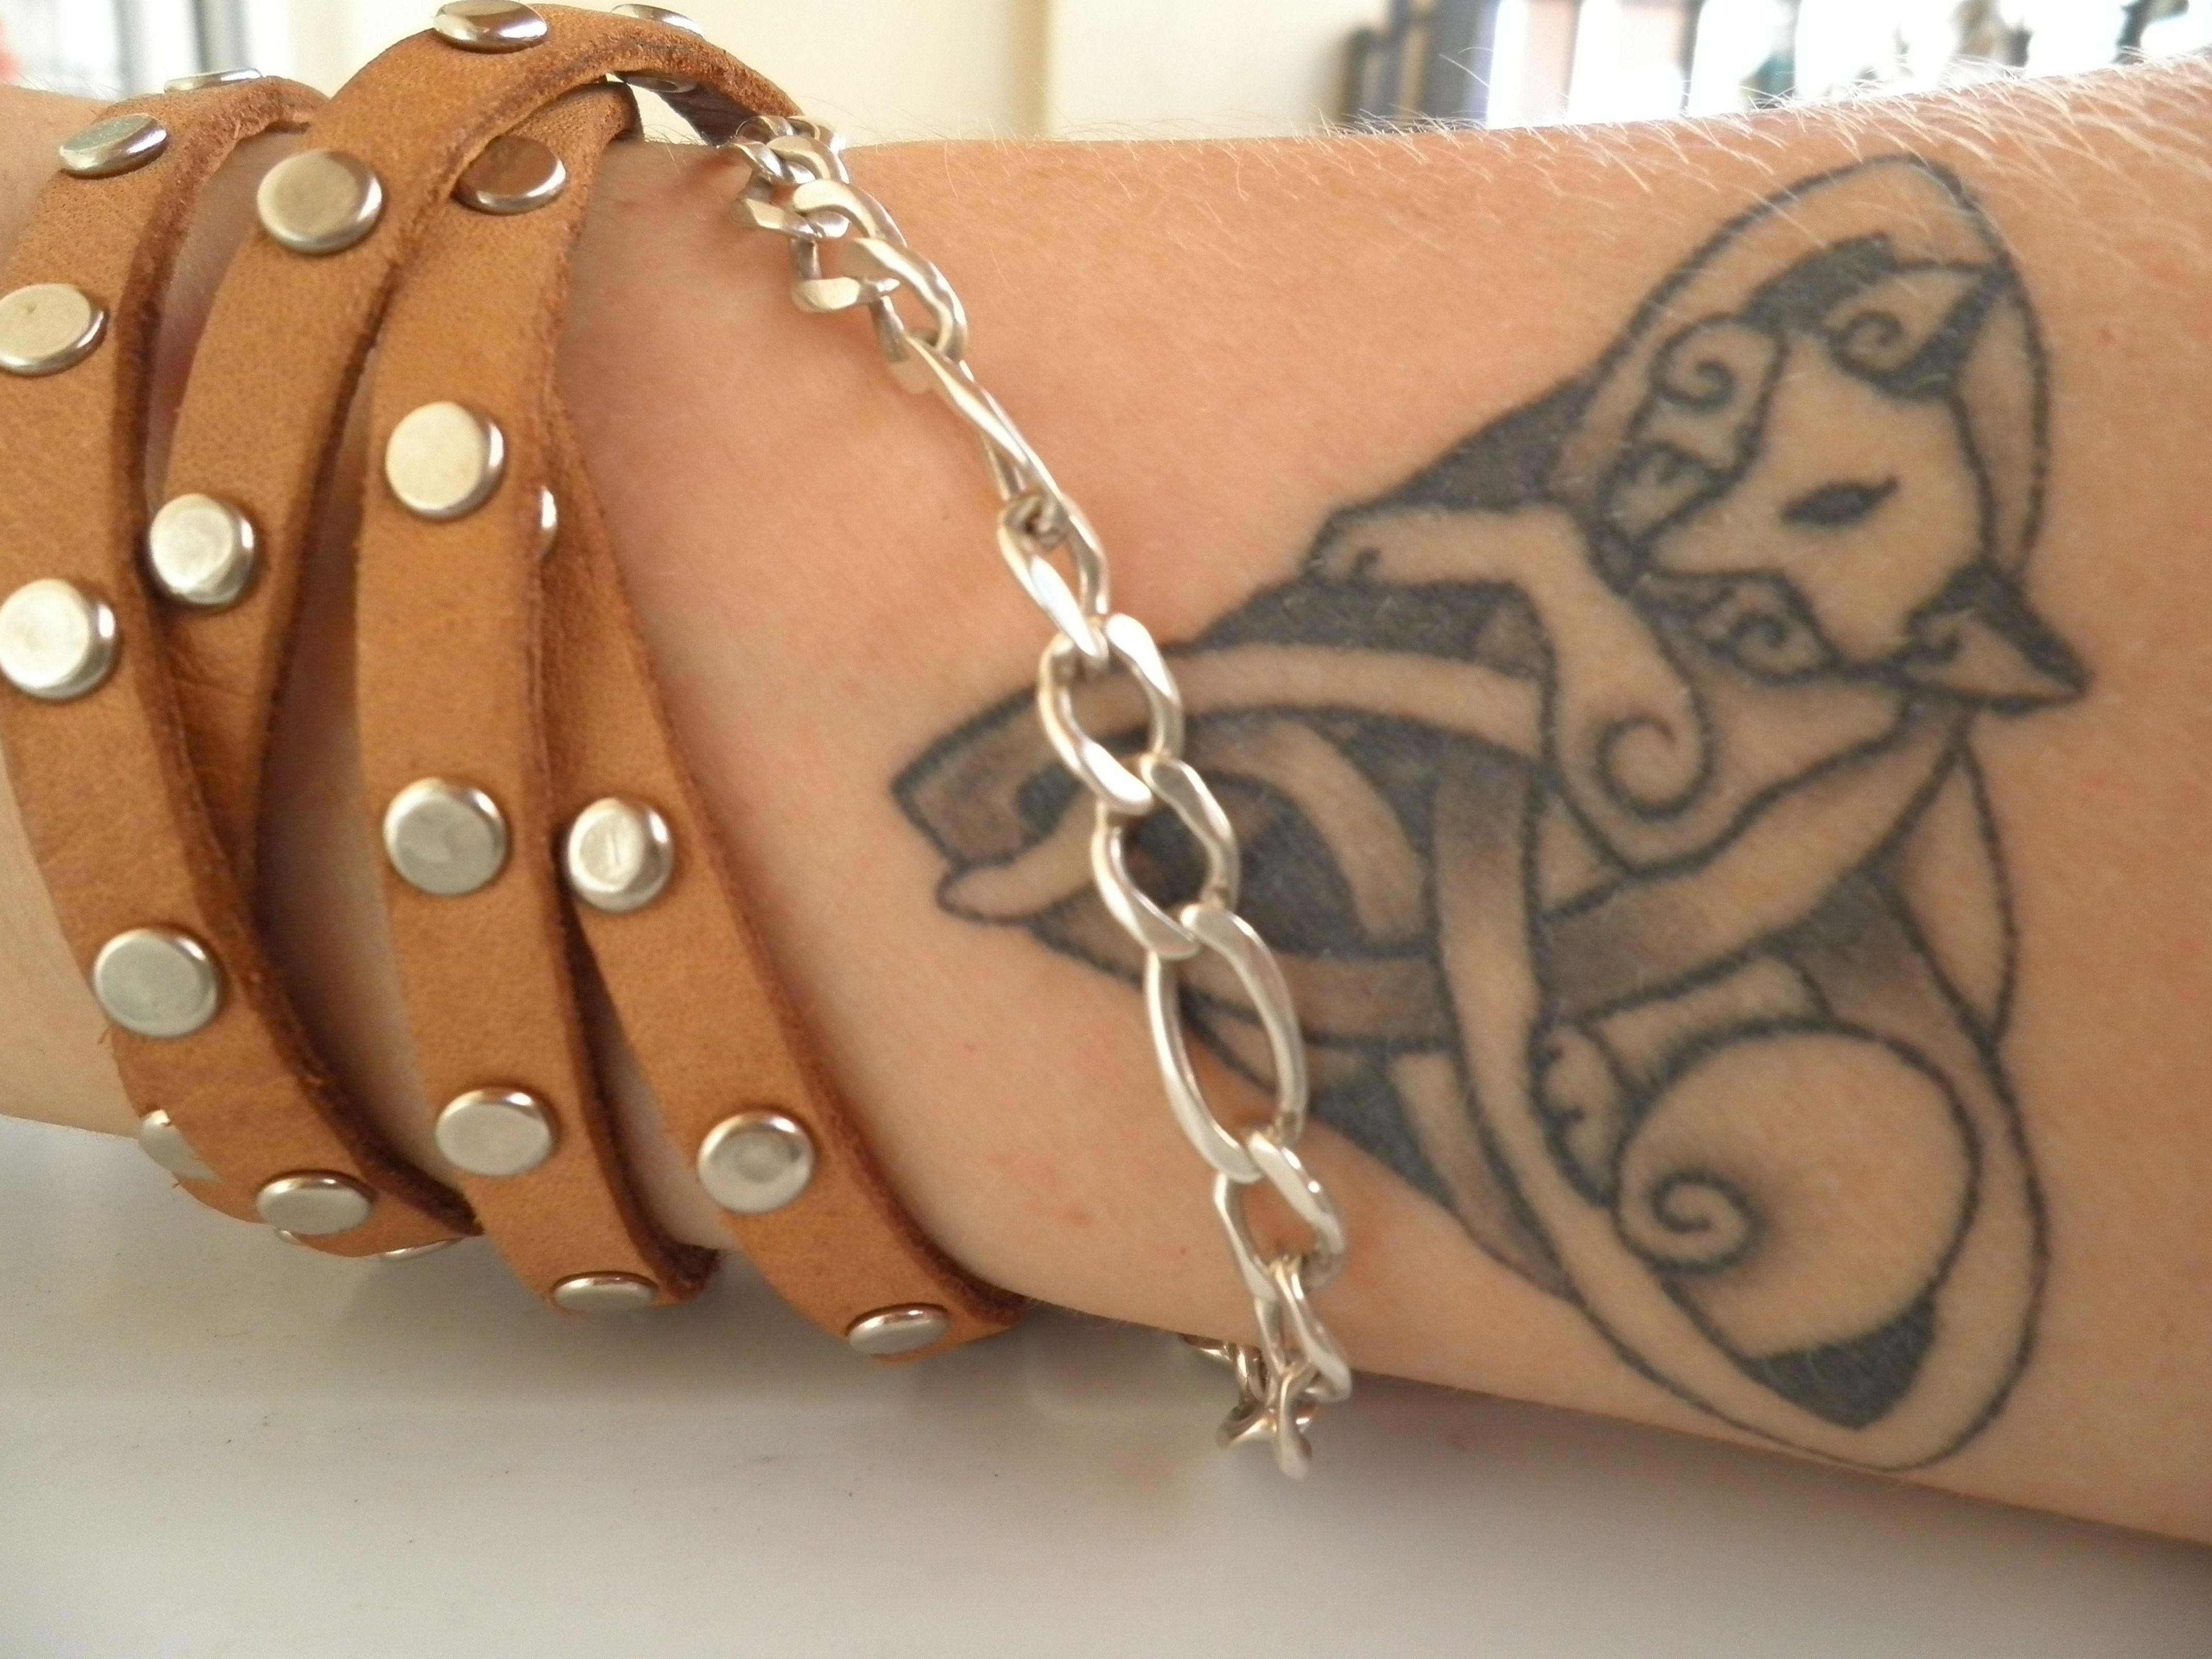 Celtic cat tattoo tattoos pinterest tattoo body art and tatting